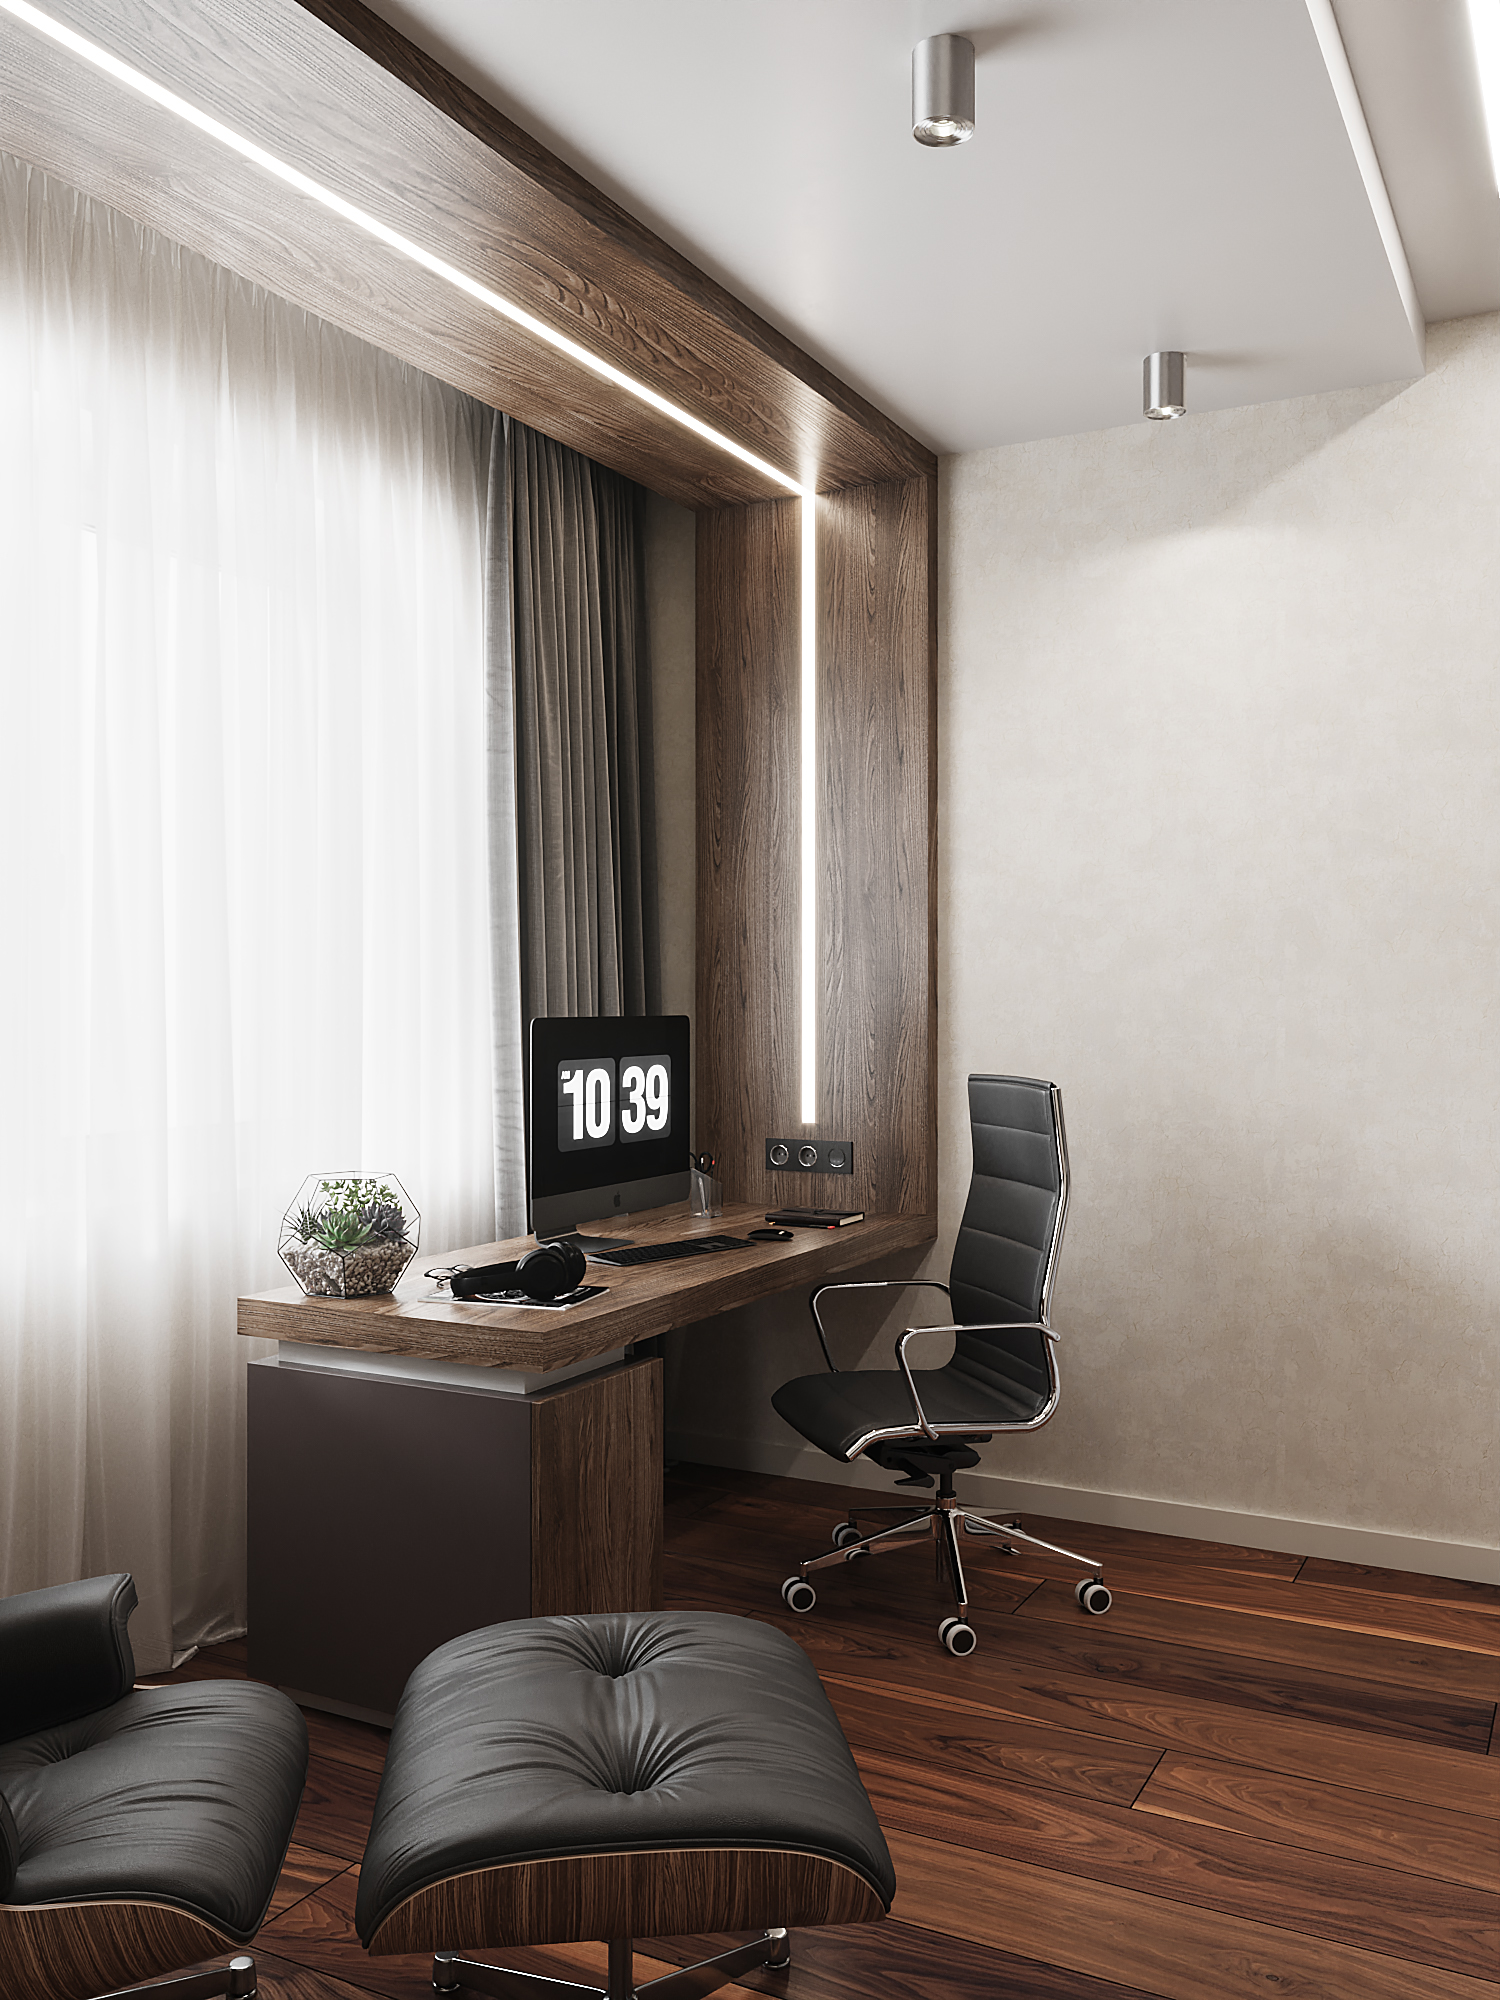 потолки в современных интерьерах. варианты дизайна